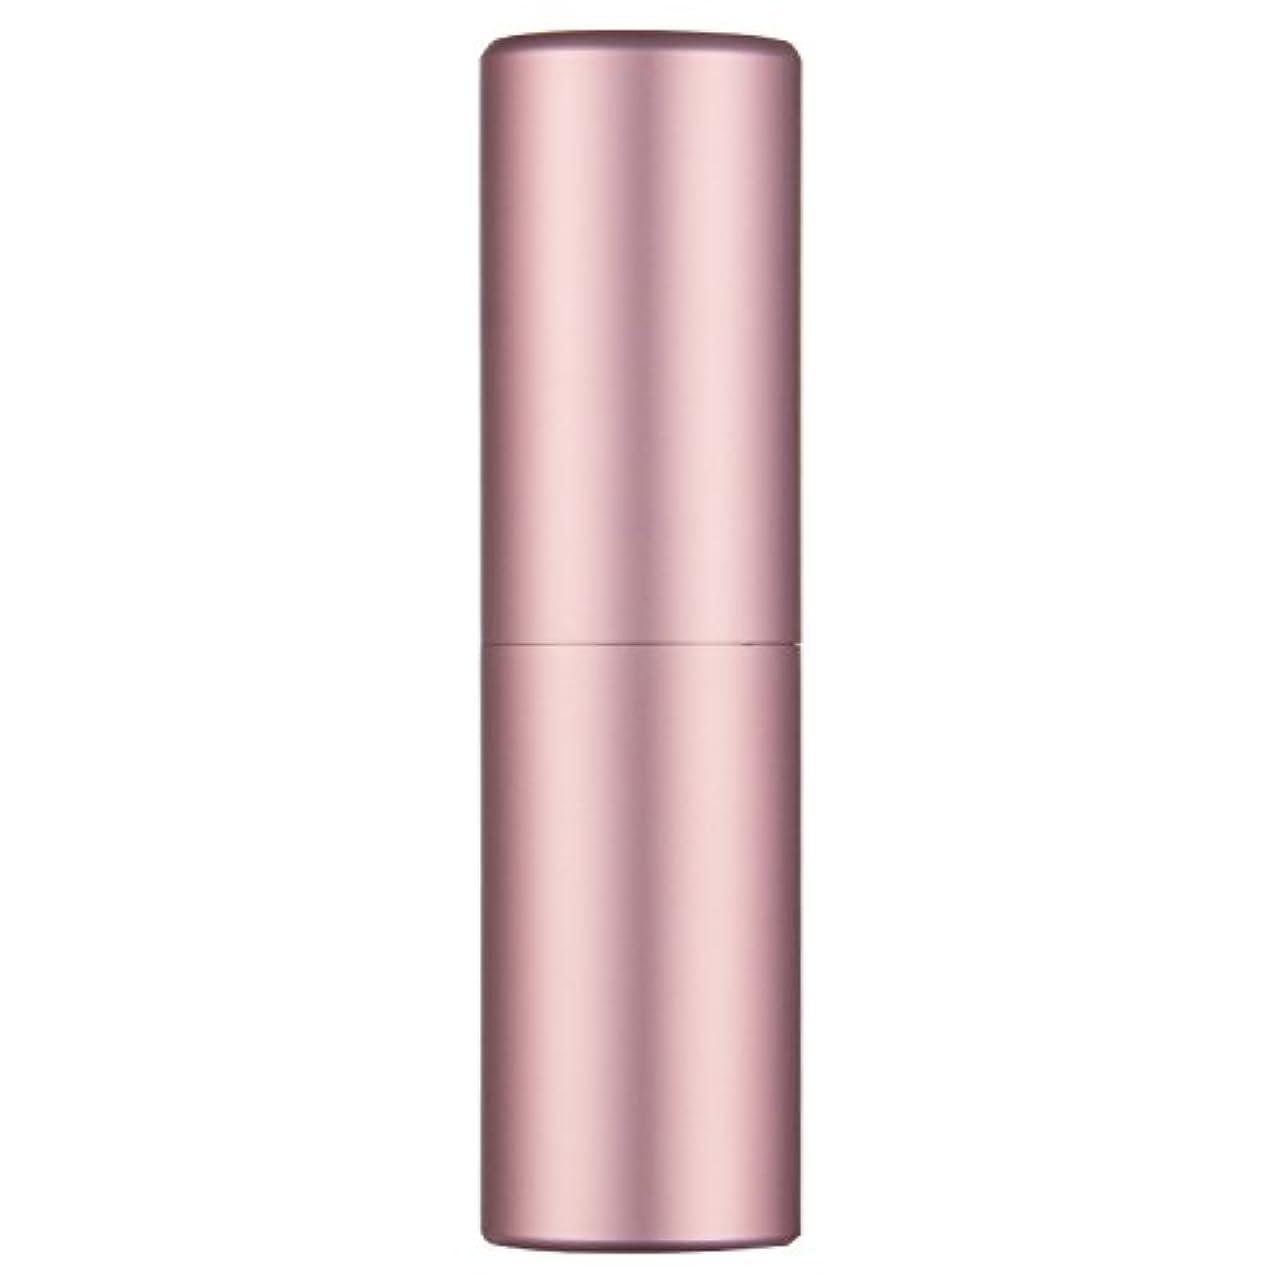 が欲しい正確さ君主制香水アトマイザー Faireach 香水瓶 香水ガラス 香水ボトル 香水噴霧器 香水詰め替え 旅行携帯便利 男女兼用 20ml ピンク